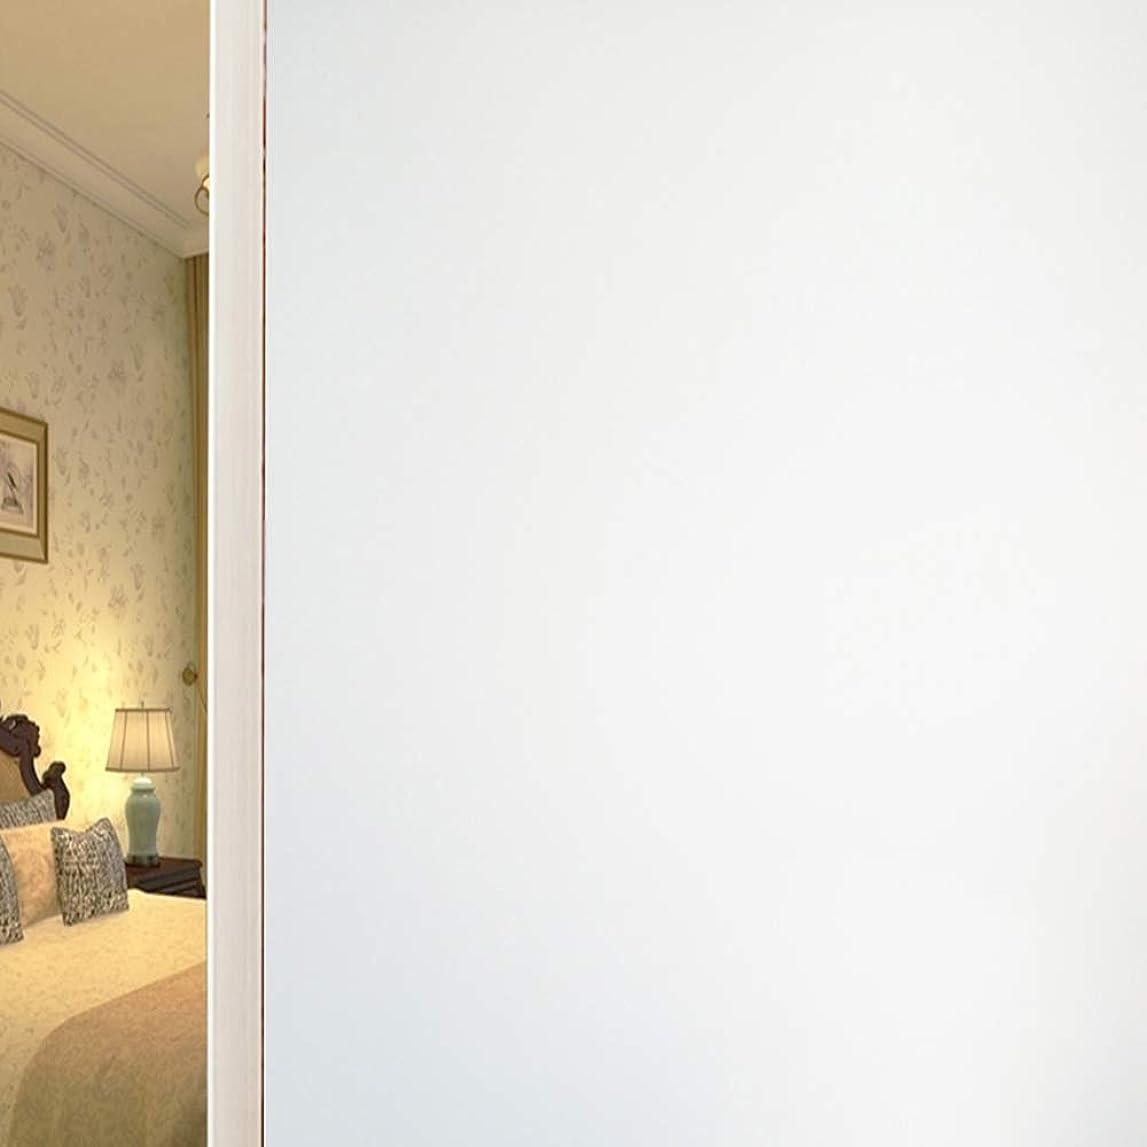 リベラル汚物食べる神馬 窓 めかくしシート 窓用フィルム すりガラス調 ガラスフィルム 水で貼る 貼り直し可能目隠しシート 断熱遮熱シート UVカット 艶消